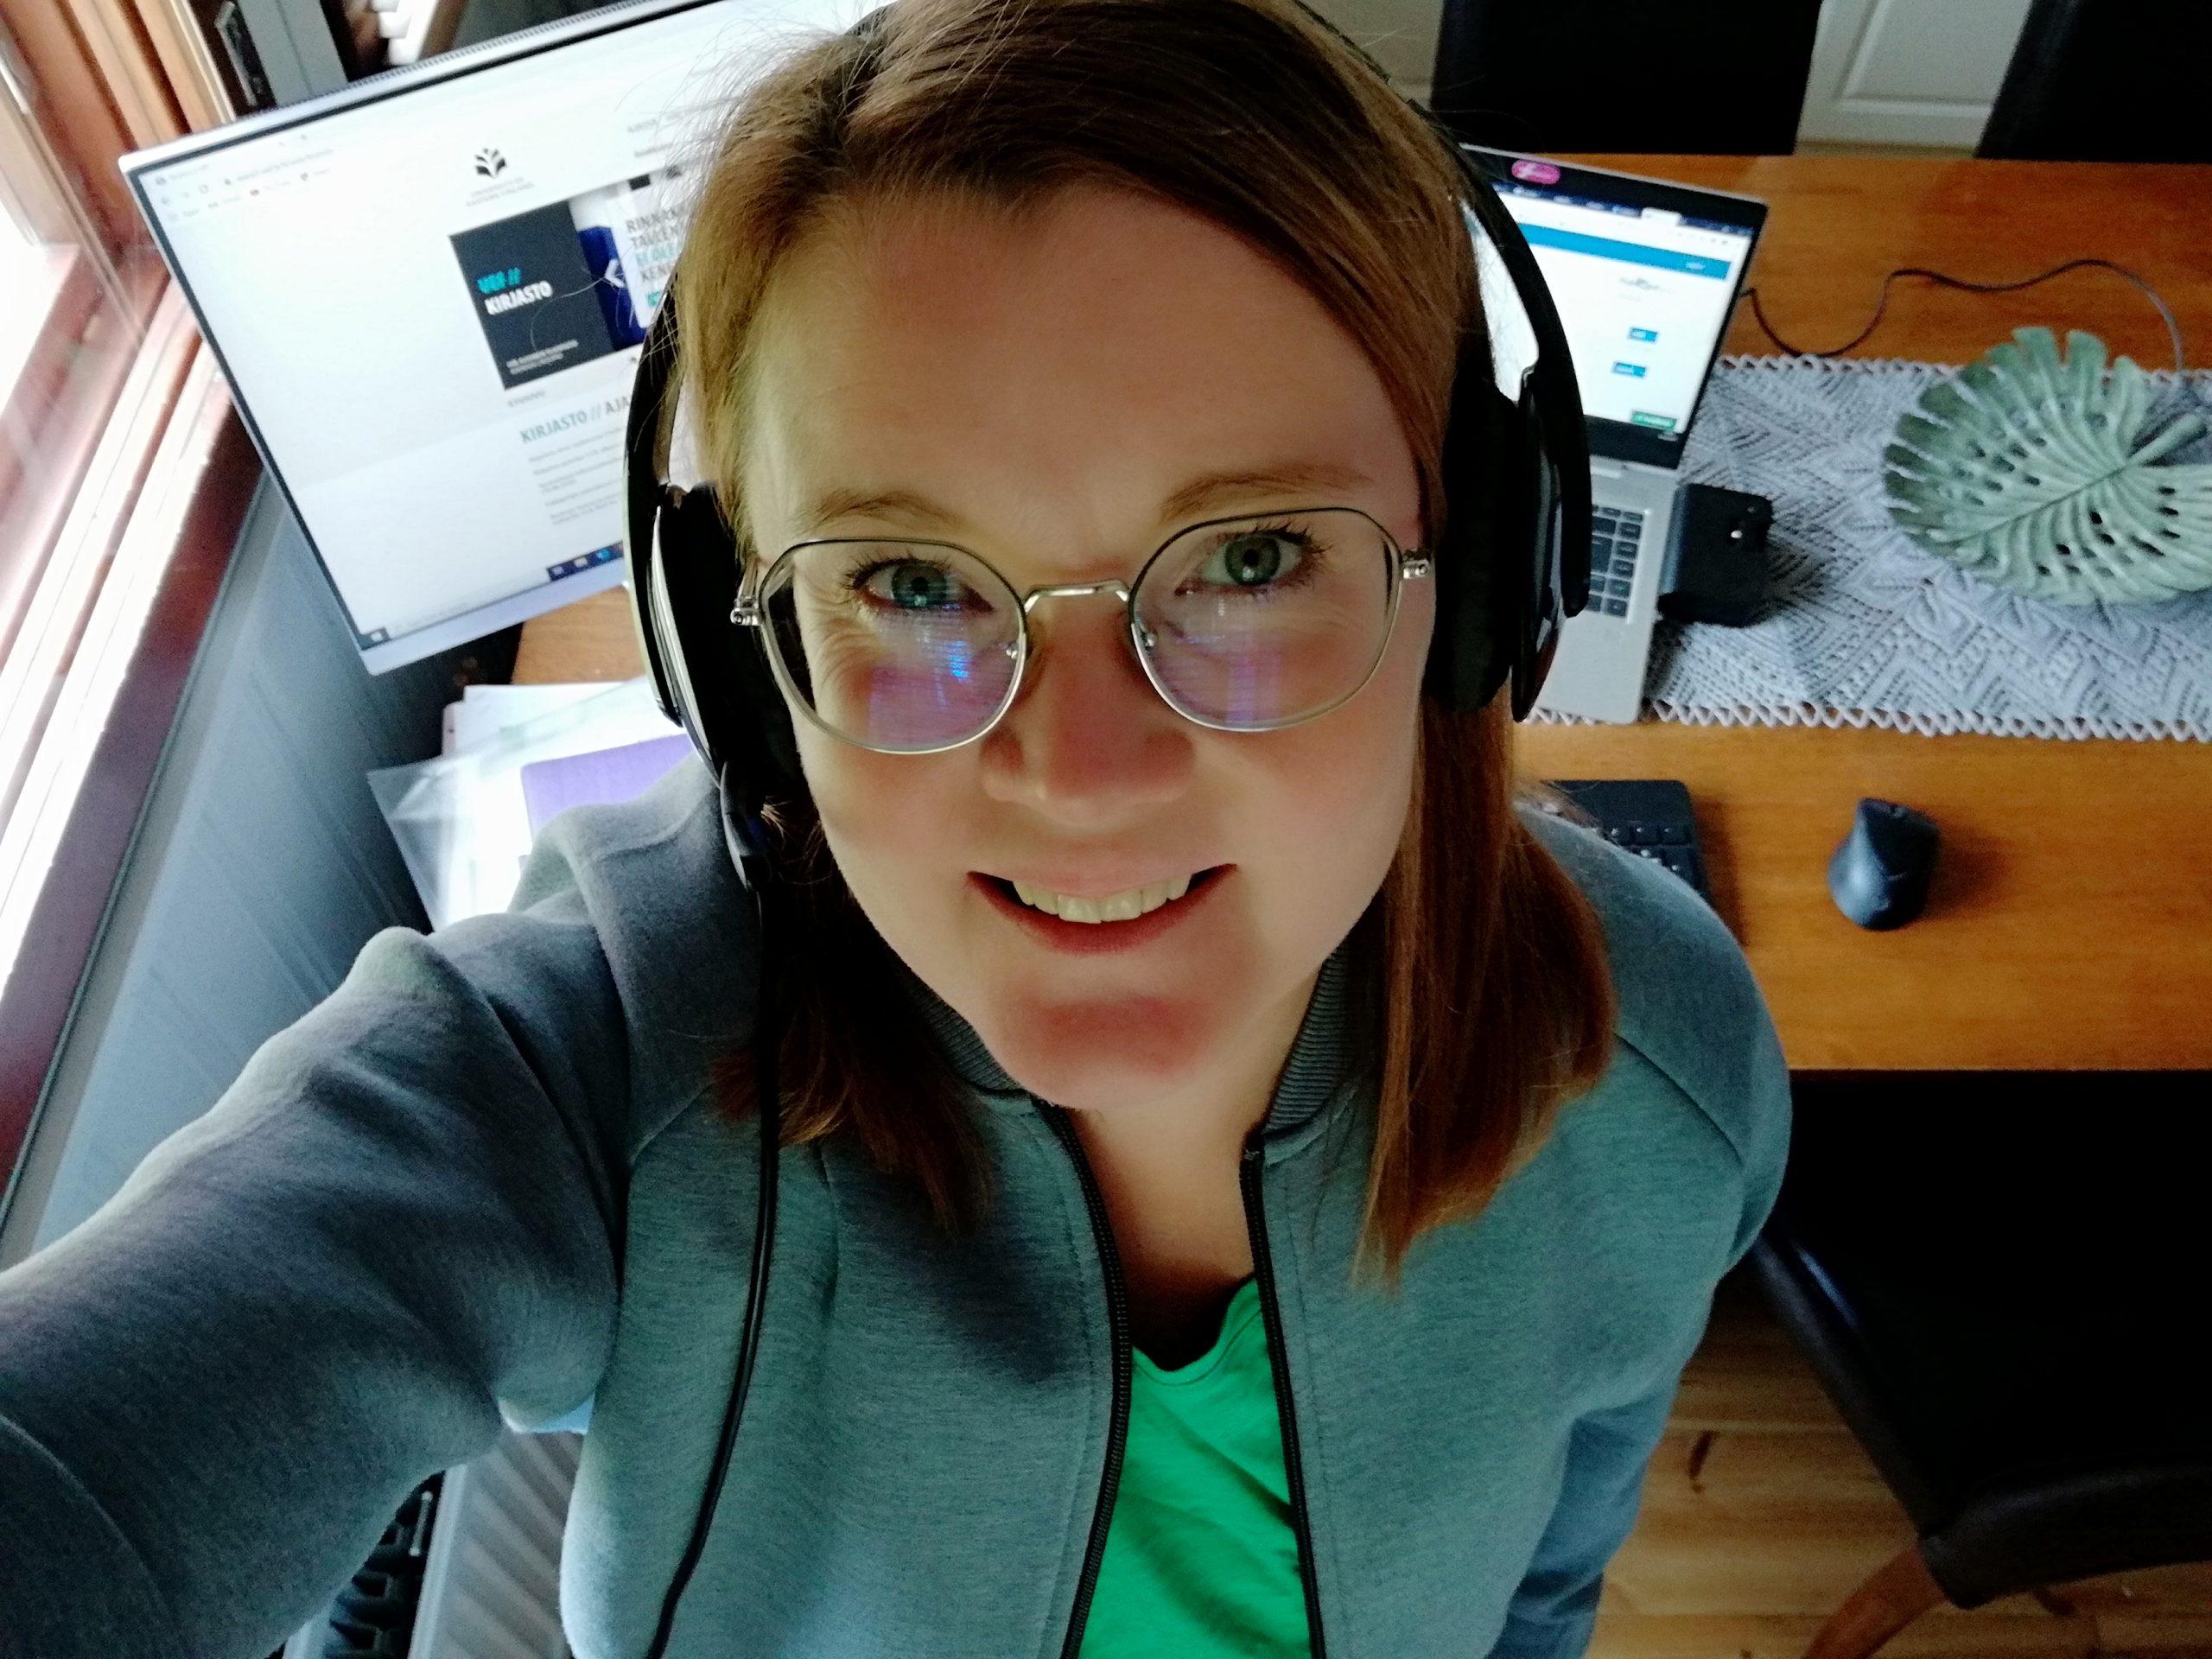 Silmälasipäinen nainen katsoo ylöspäin kohti kuvaajaa, taustalla etätyöpiste tietokoneineen.